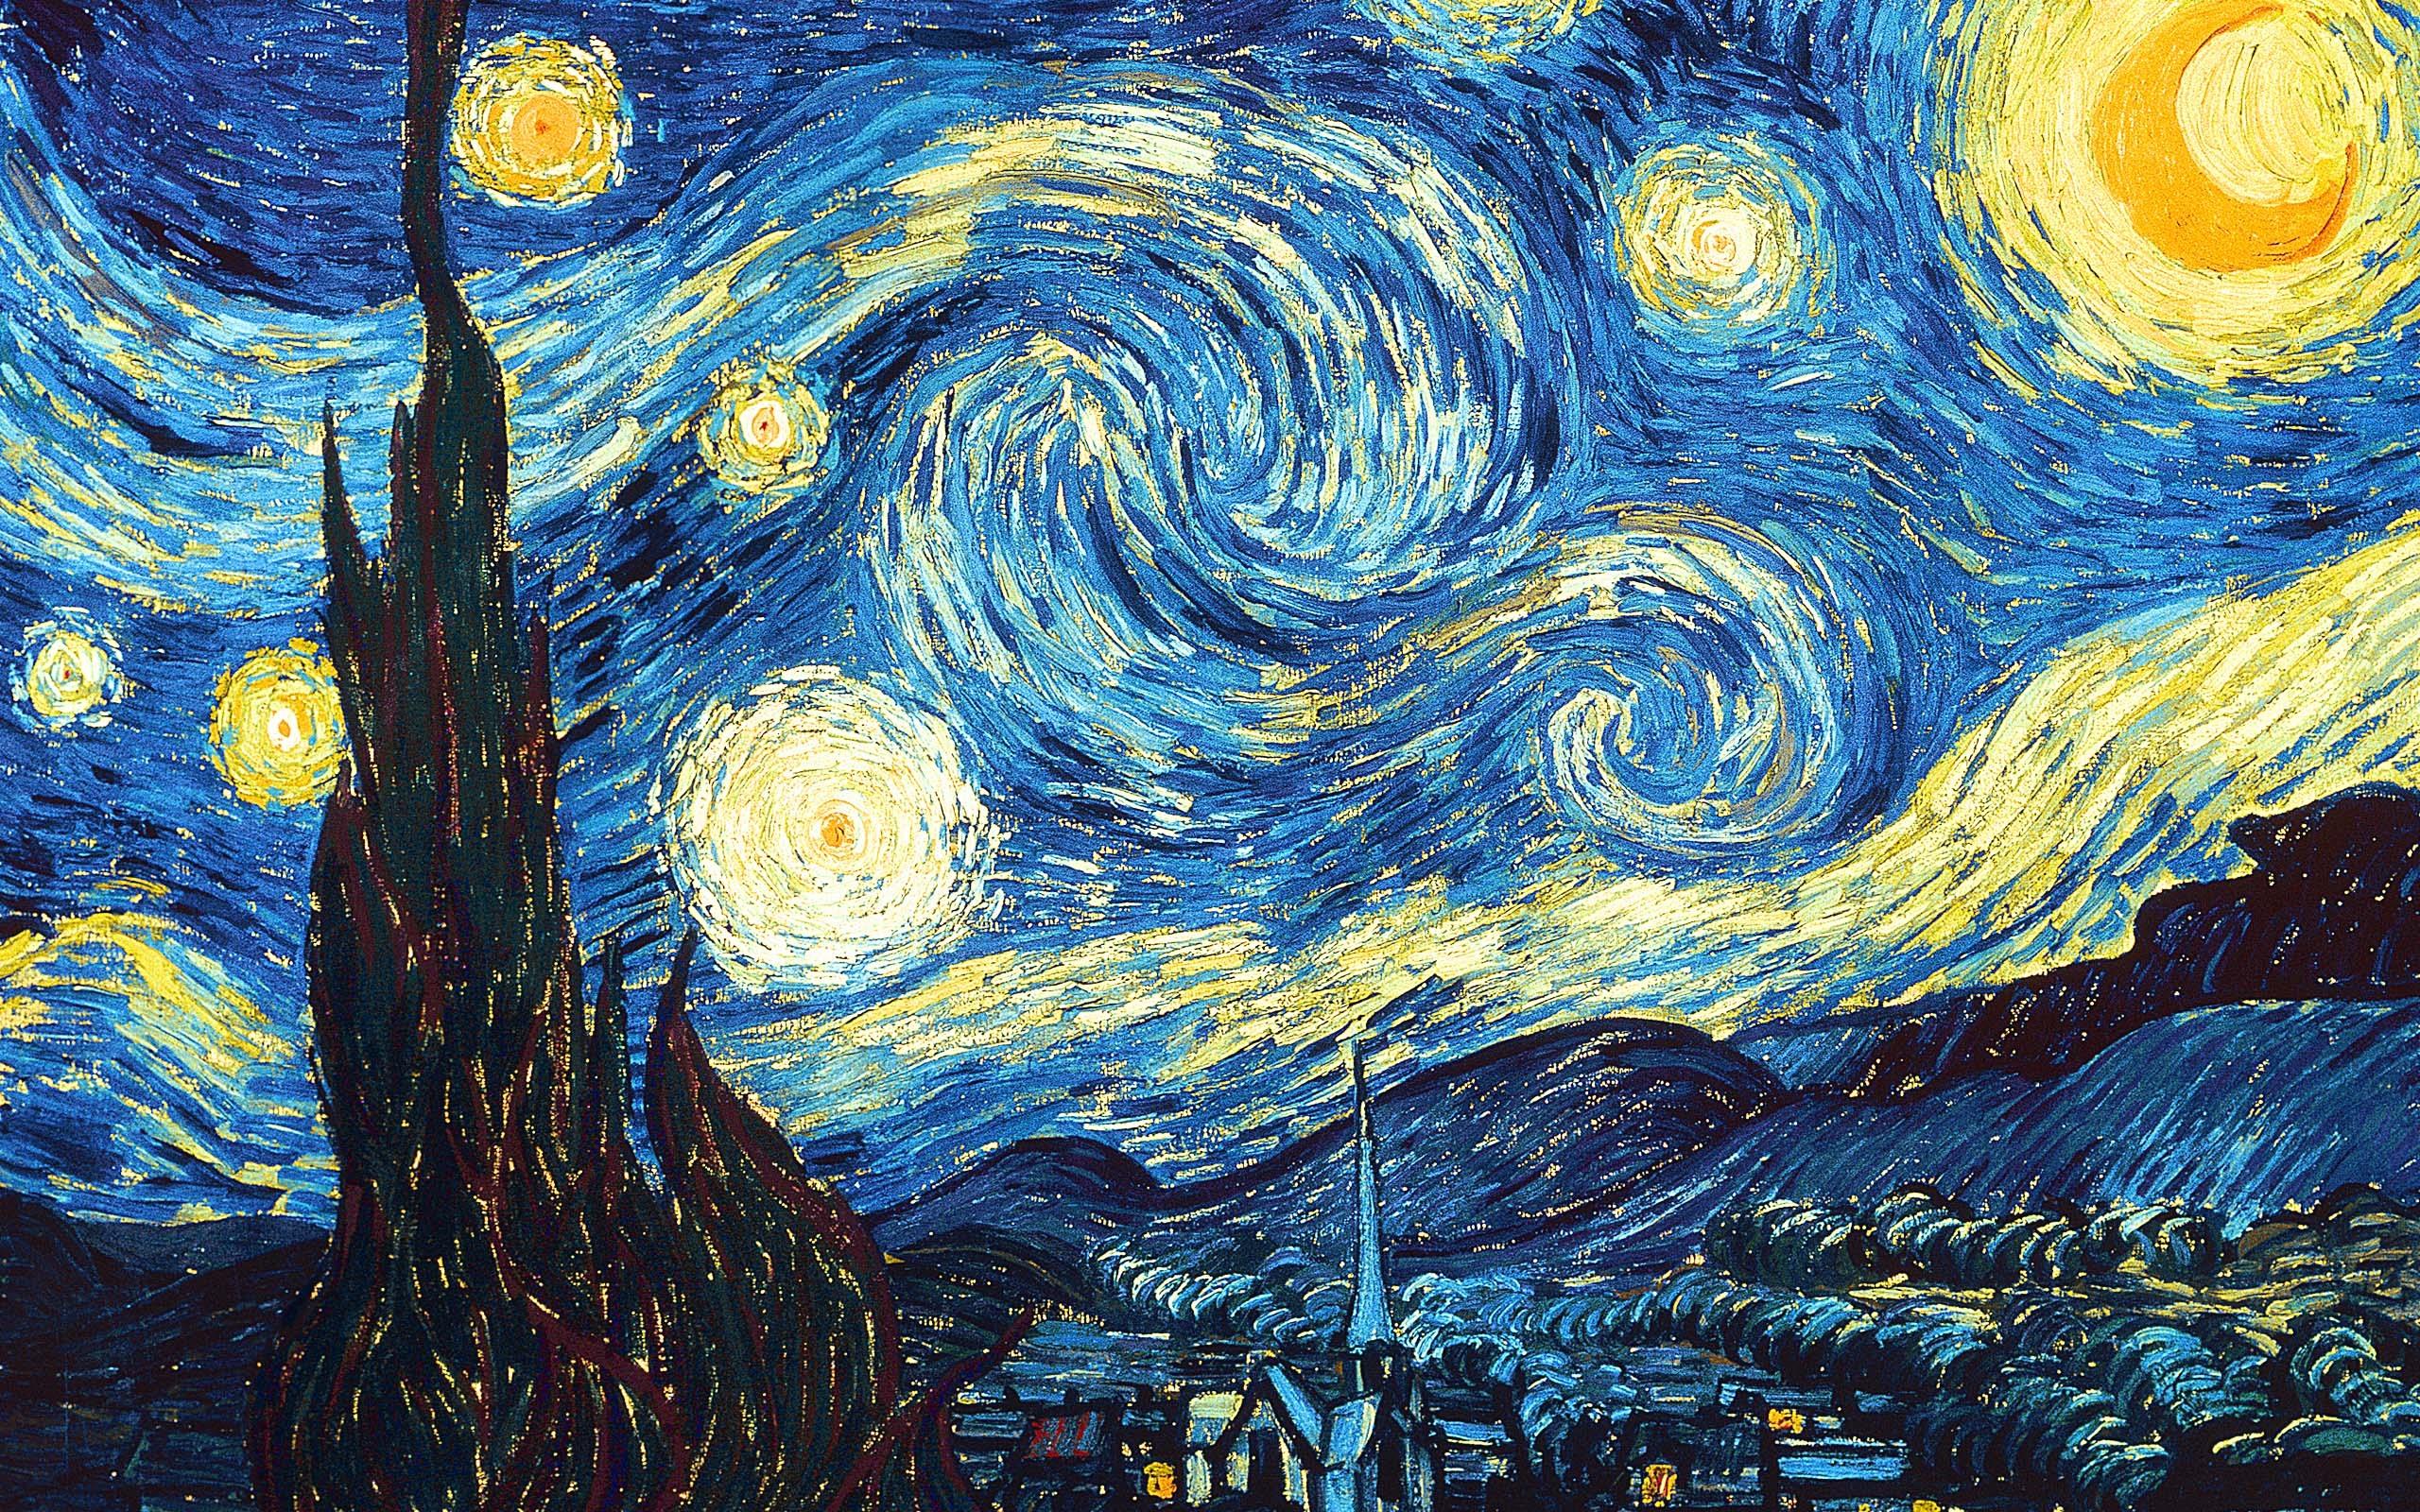 ¿Vestido azul y negro? Ahora la ciencia se fija en los cuadros de Van Gogh